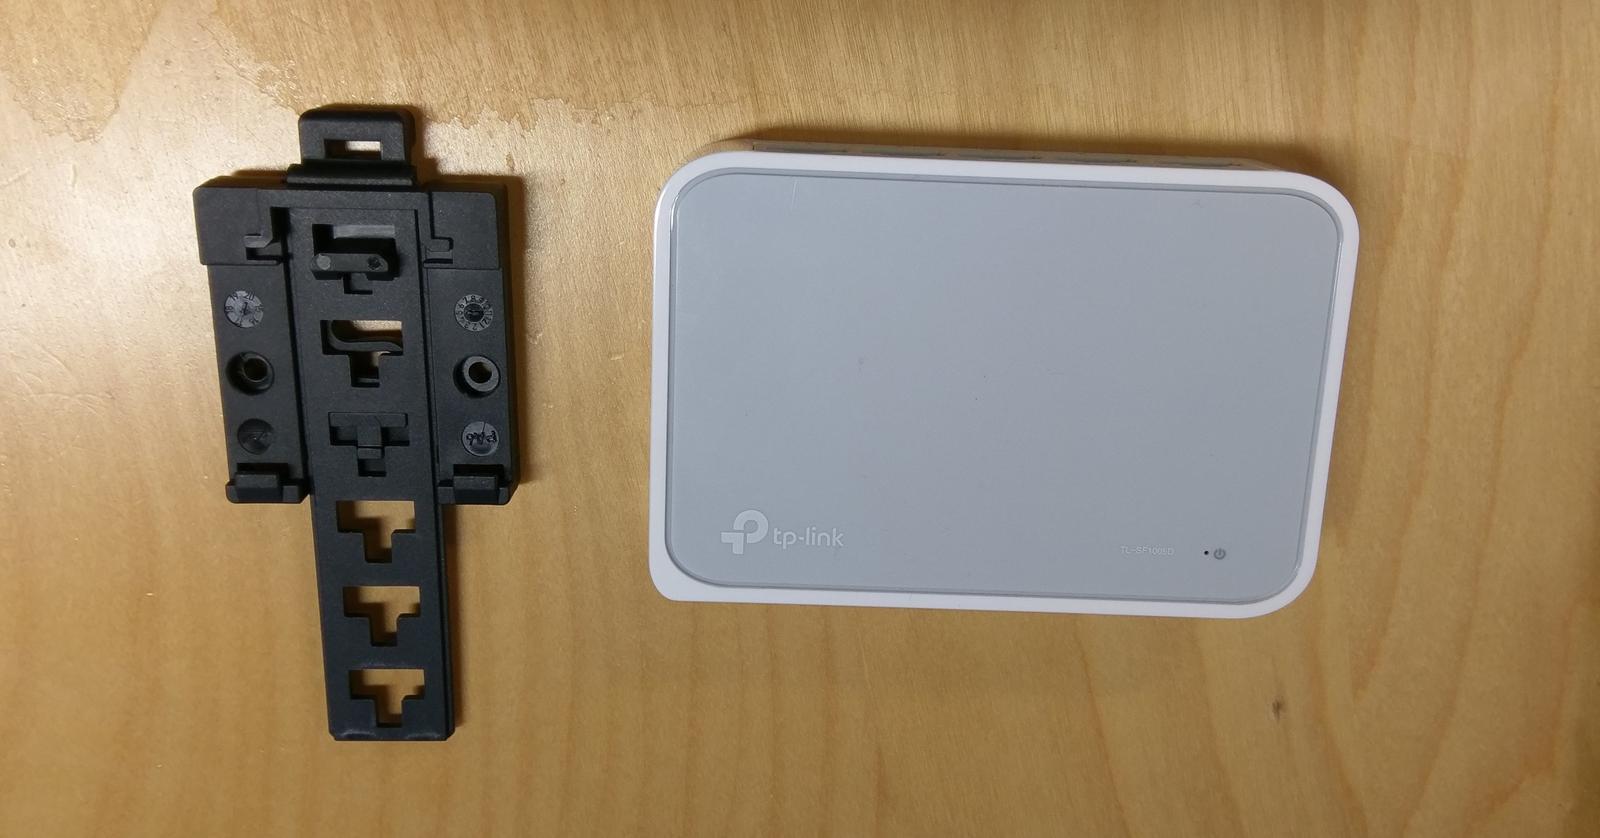 LogomatIQ - V krabici bude aj web server TC takze potrebujem nejaky switch. Priemyselne na DIN Listu stoja cez 100€, takze som kupil switch za 7€ a klip na DIN listu za 3€ :)